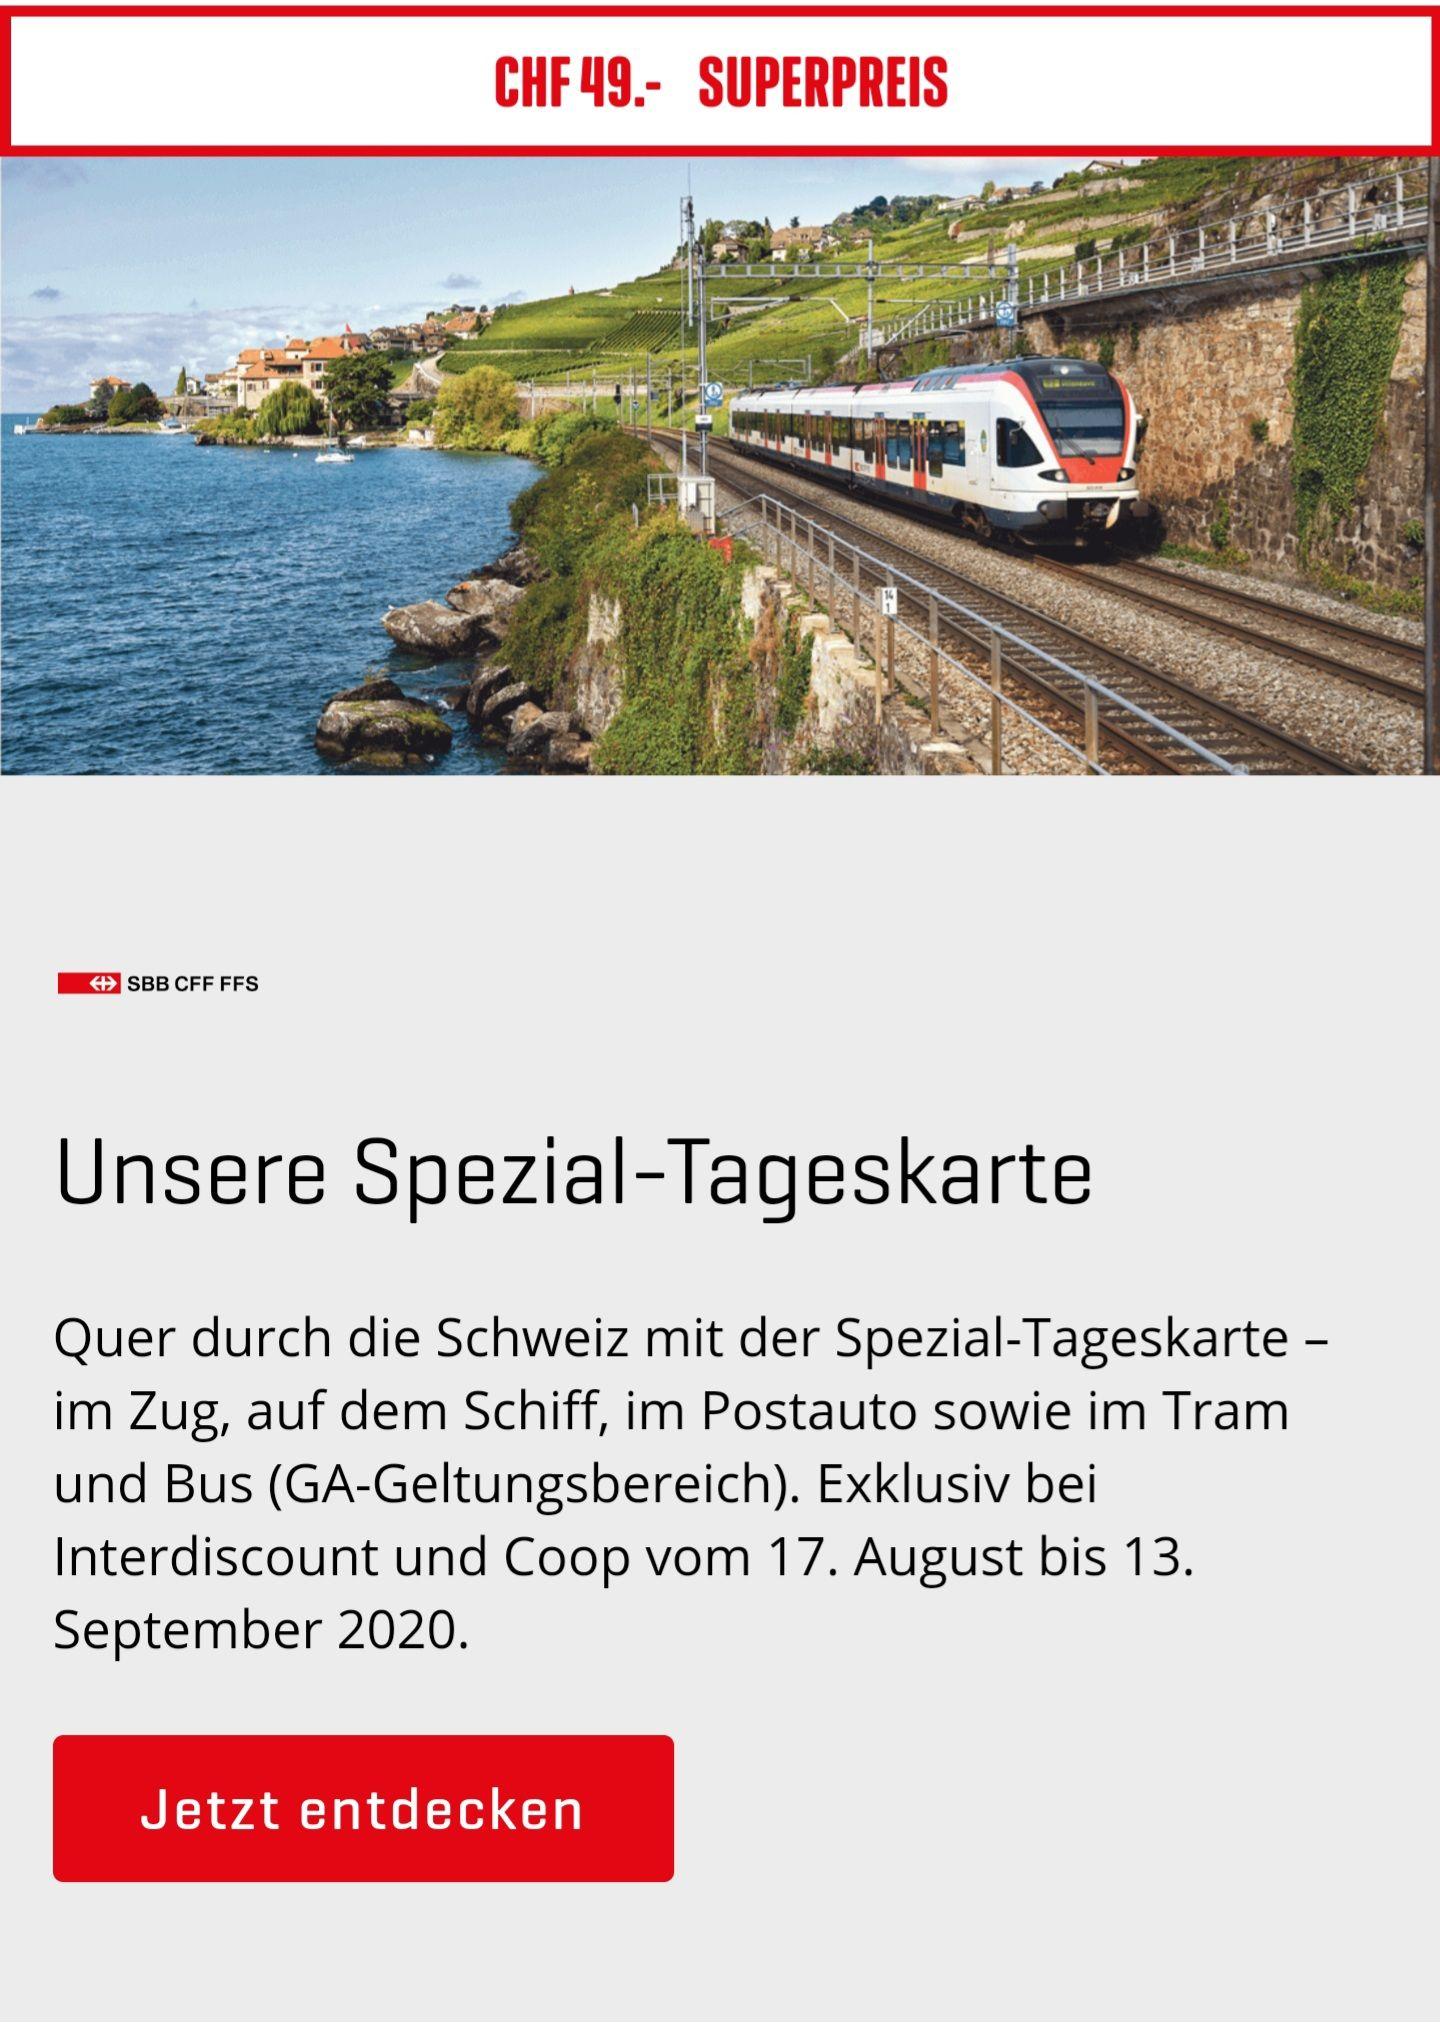 SBB Spezial-Tageskarte